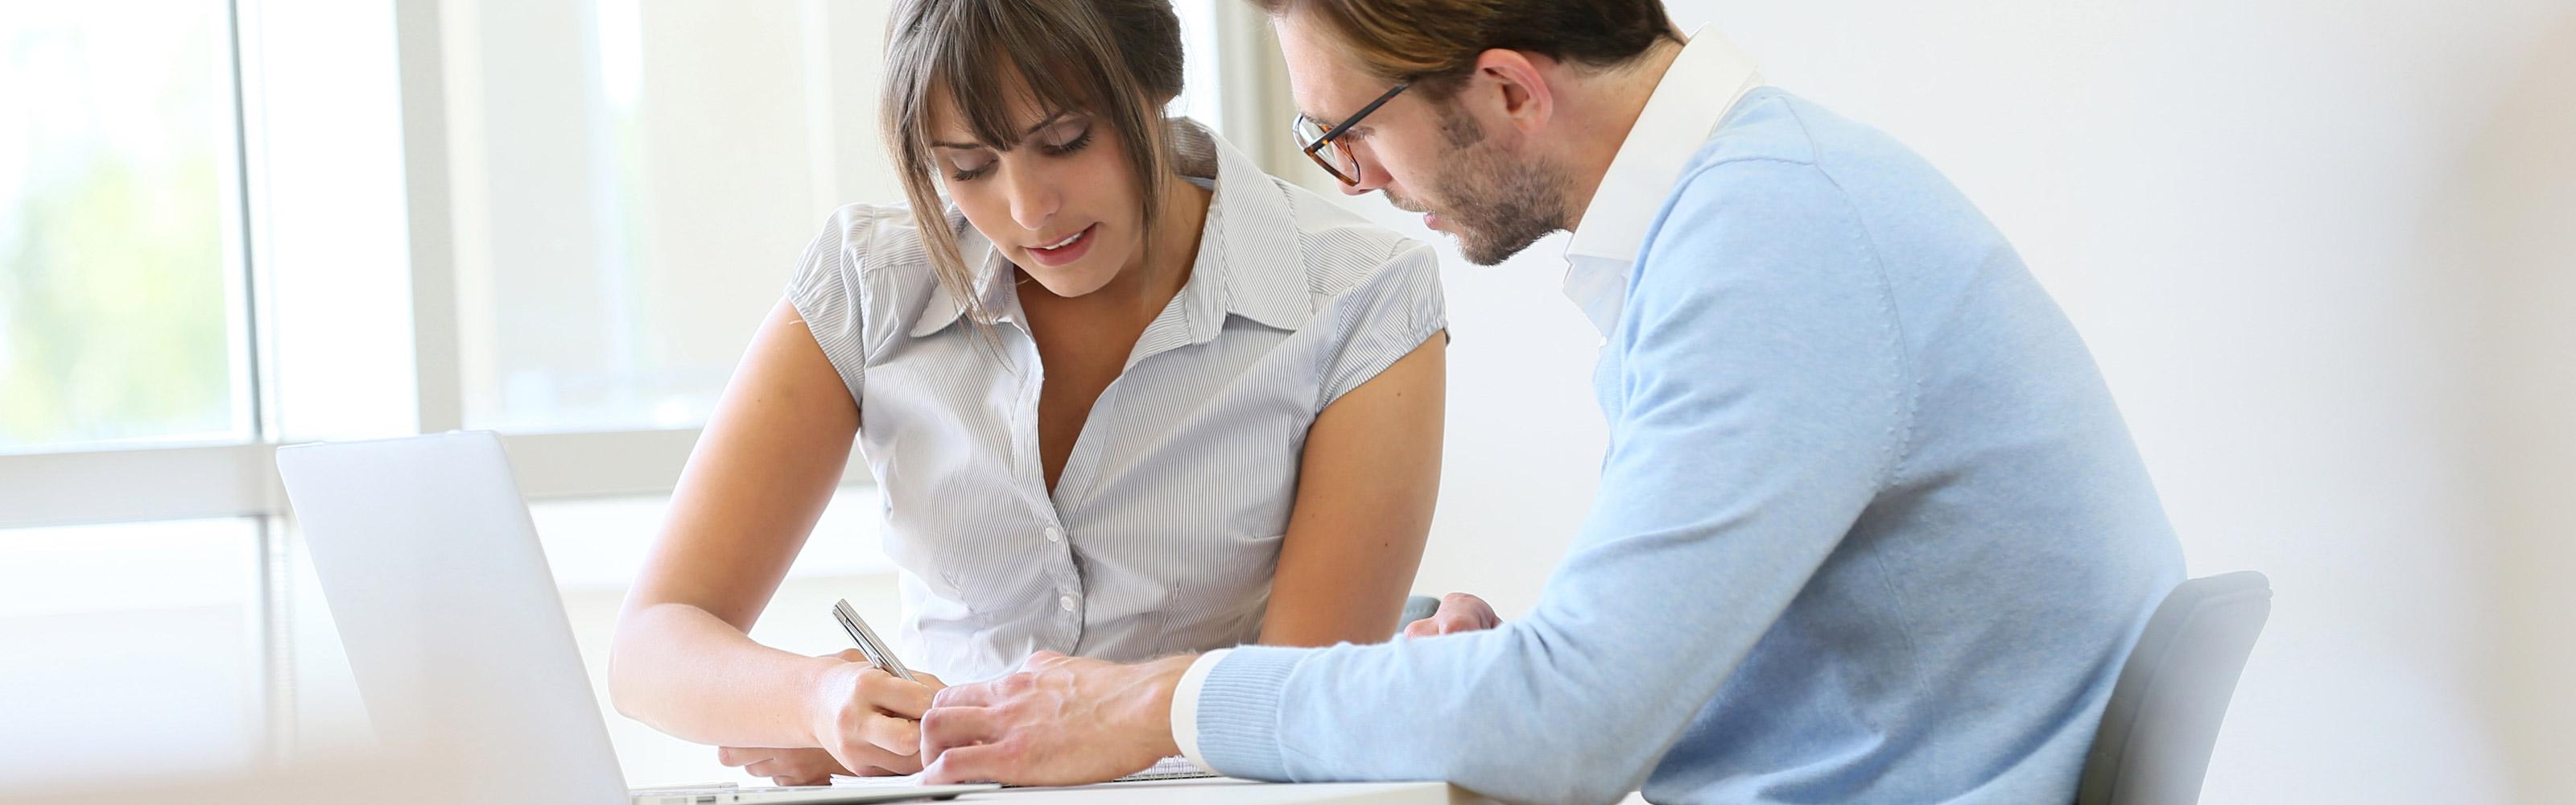 BPO gestione diretta dei processi di Outsourcing